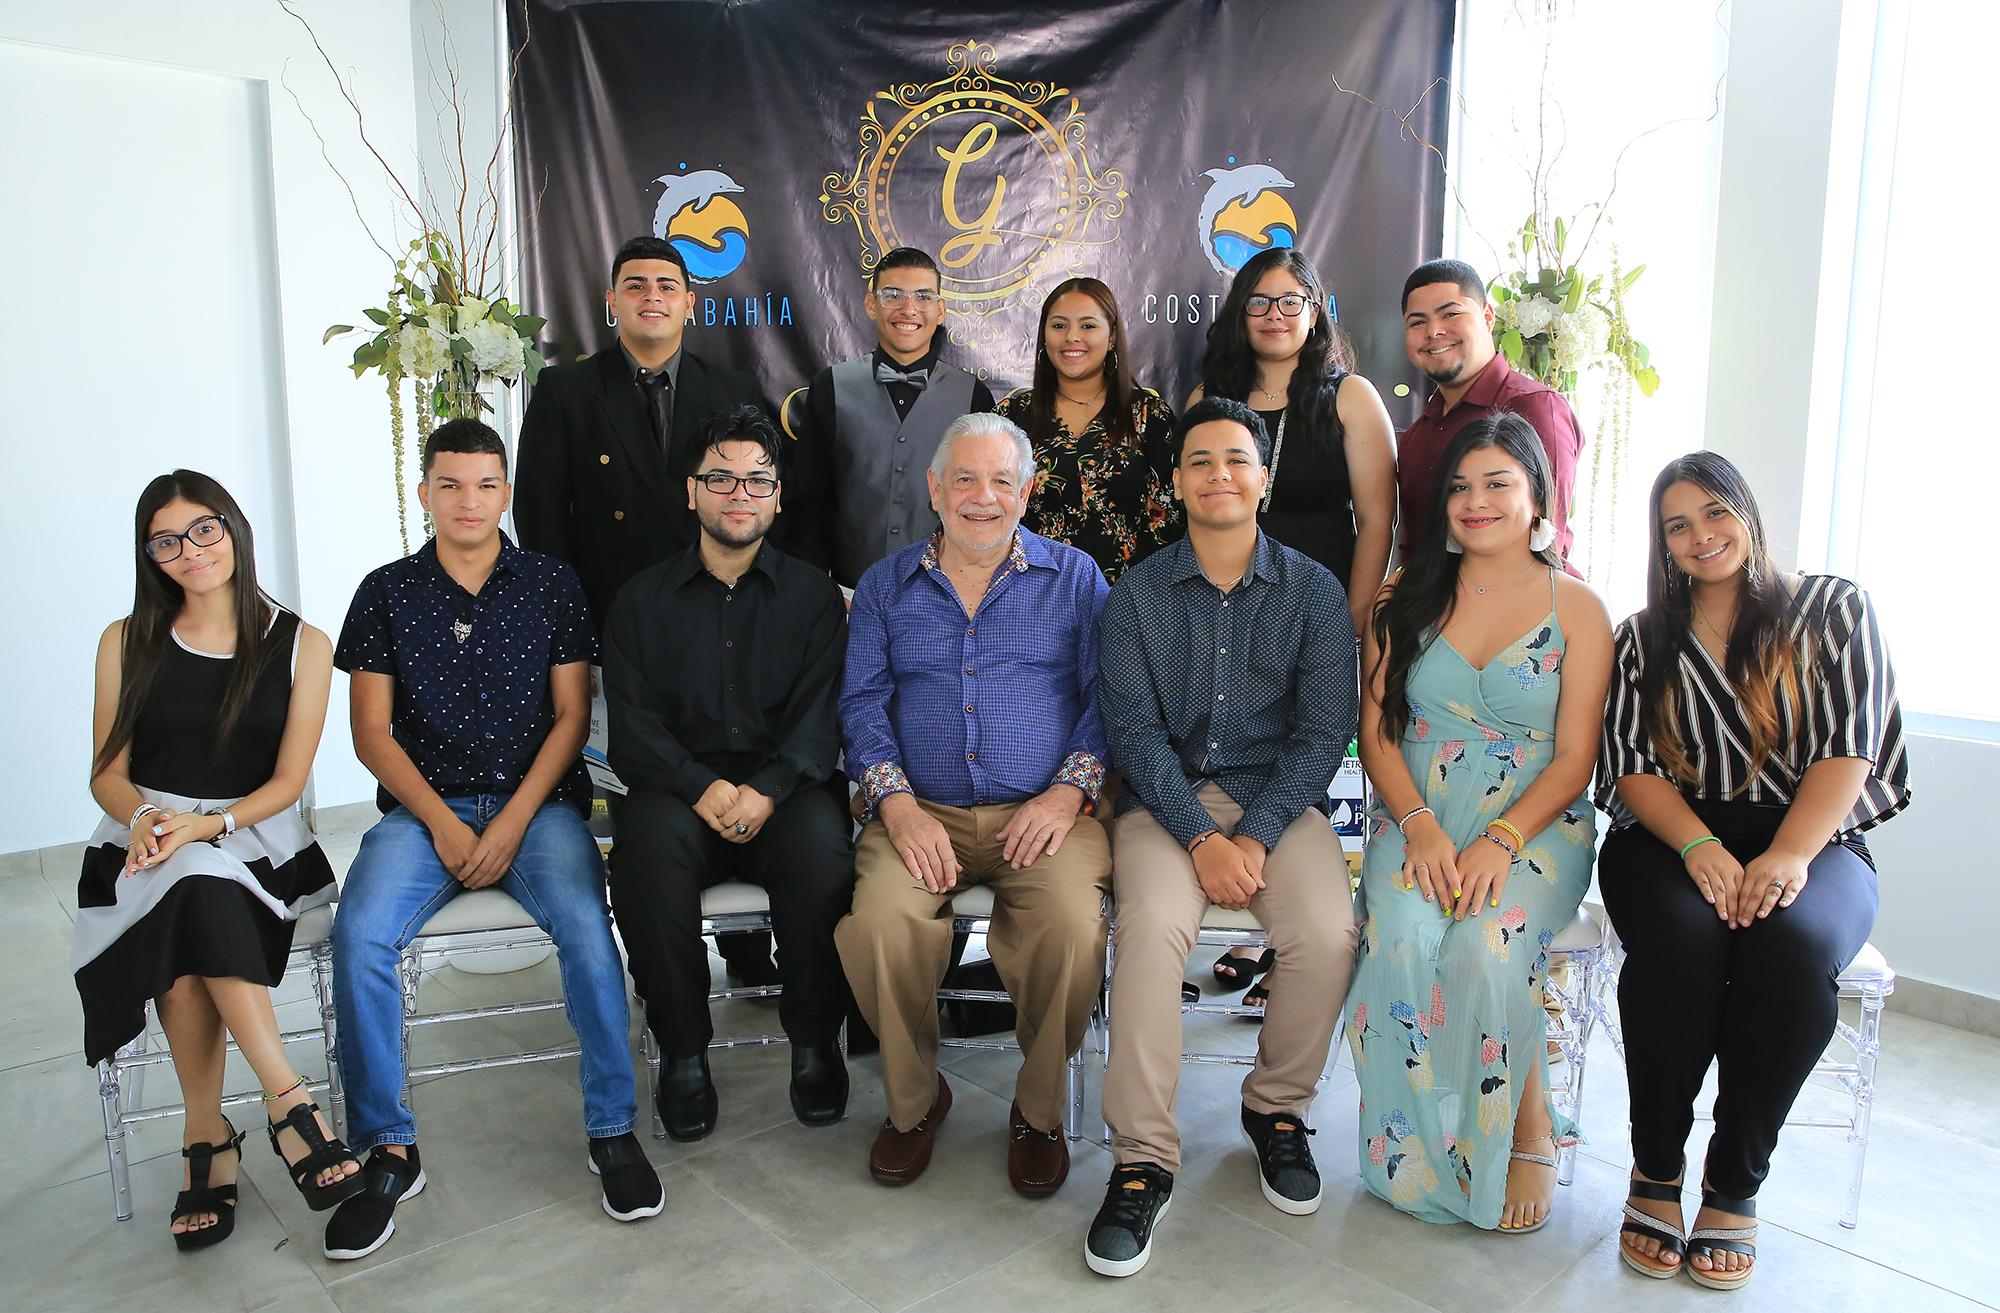 Lcdo. Eduardo Artau Gómez, propietario de Costa Bahía Hotel, Convention Center & Casino en Guayanilla junto a los estudiantes de las escuelas públicas homenajeados por su labor académica y filantrópica.